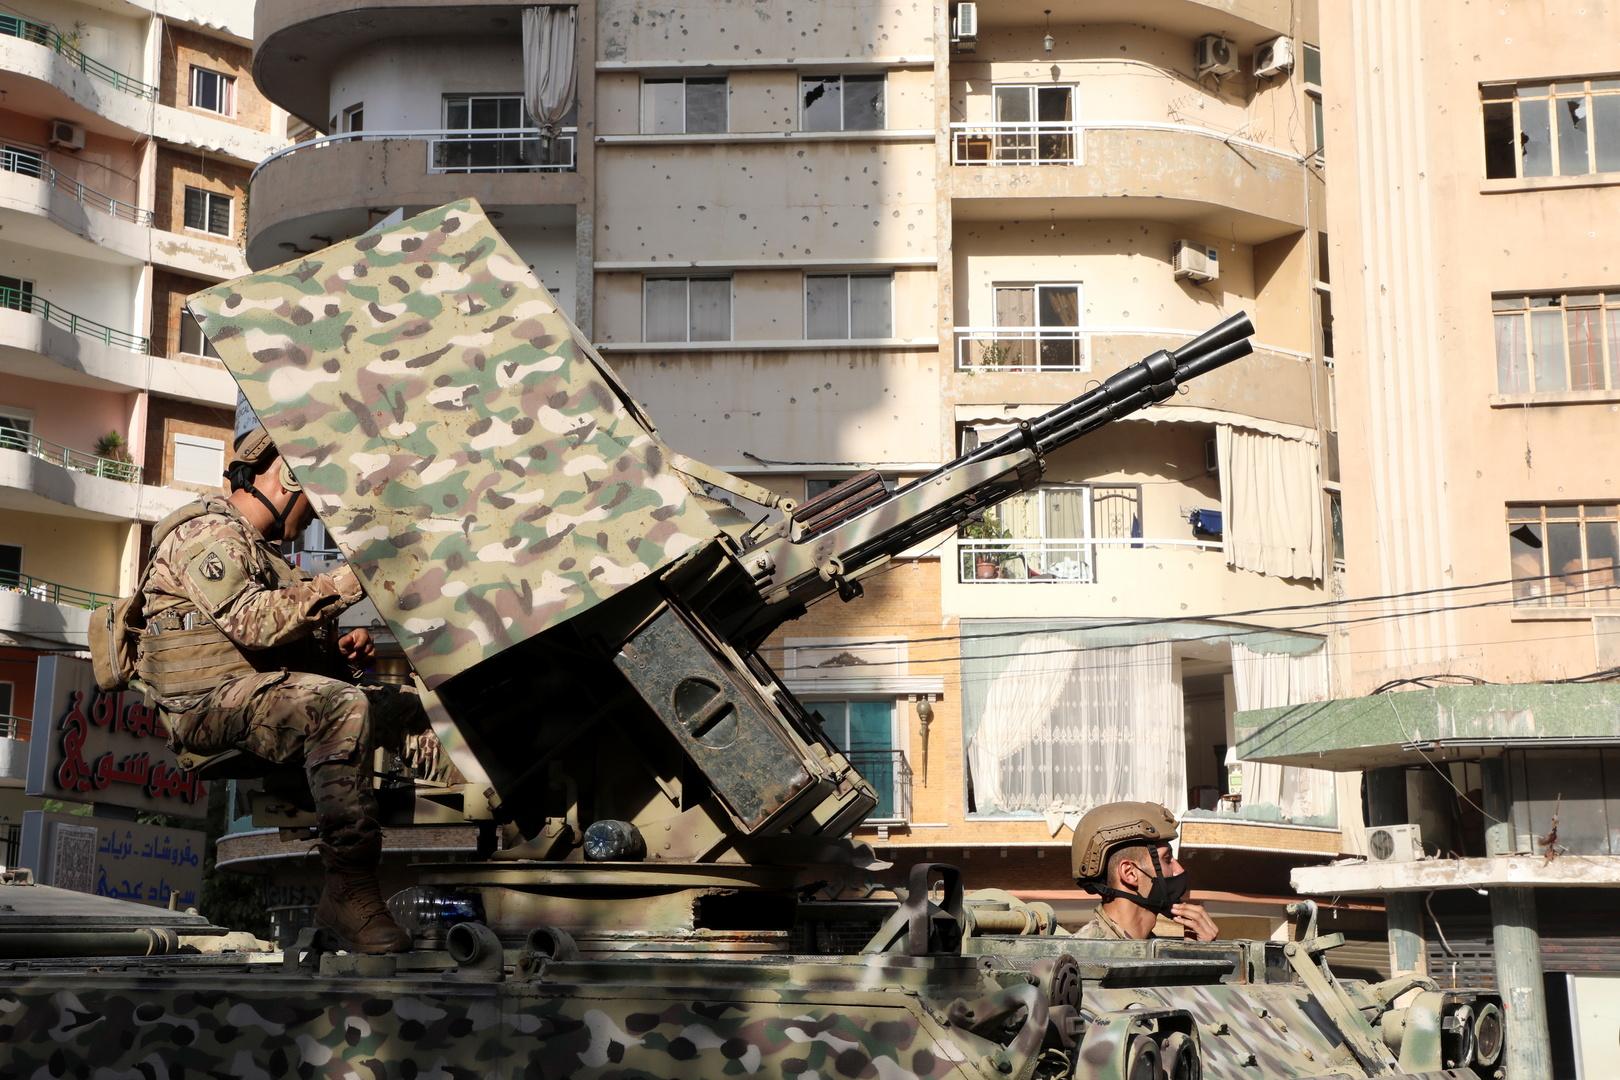 الكويت تدعو مواطنيها إلى مغادرة لبنان إثر الاشتباكات في بيروت